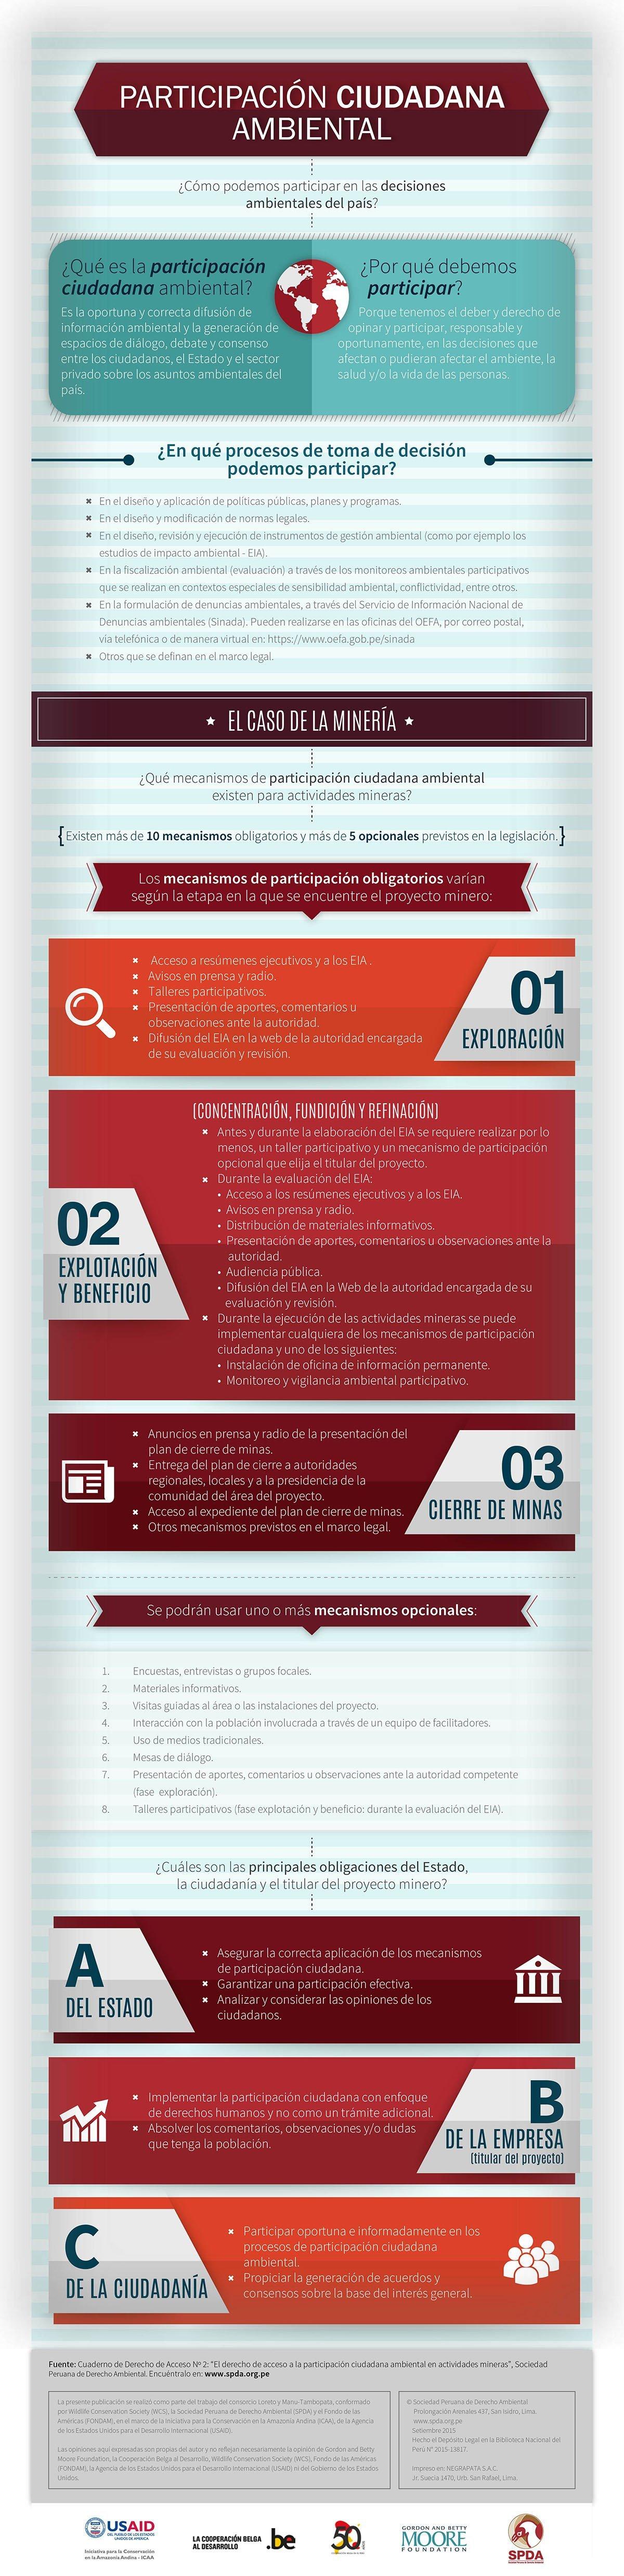 infografia-participacionciudadana-02